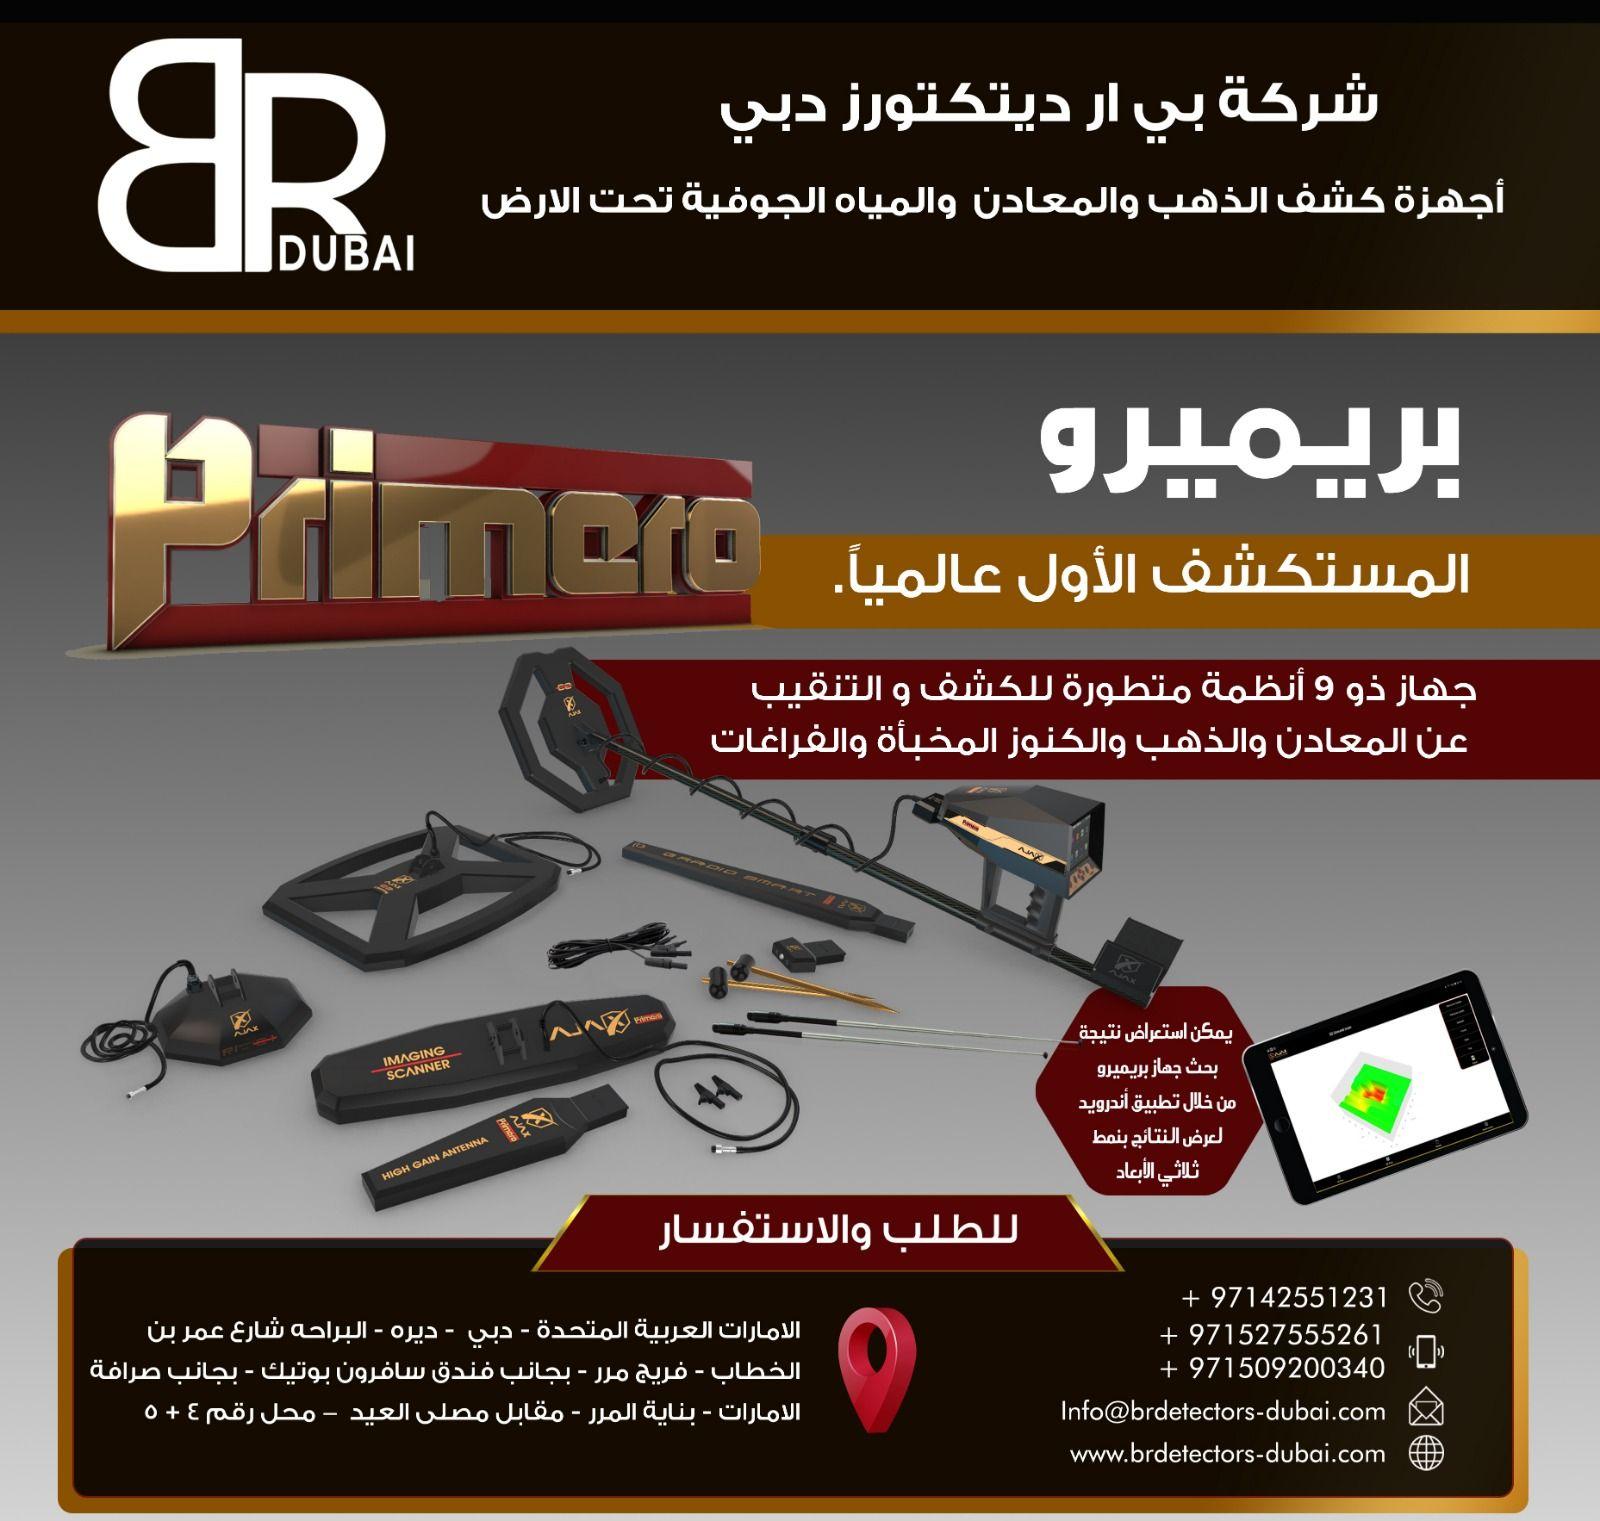 افضل اجهزة كشف الذهب بريميرو اجاكس Dubai Ads List